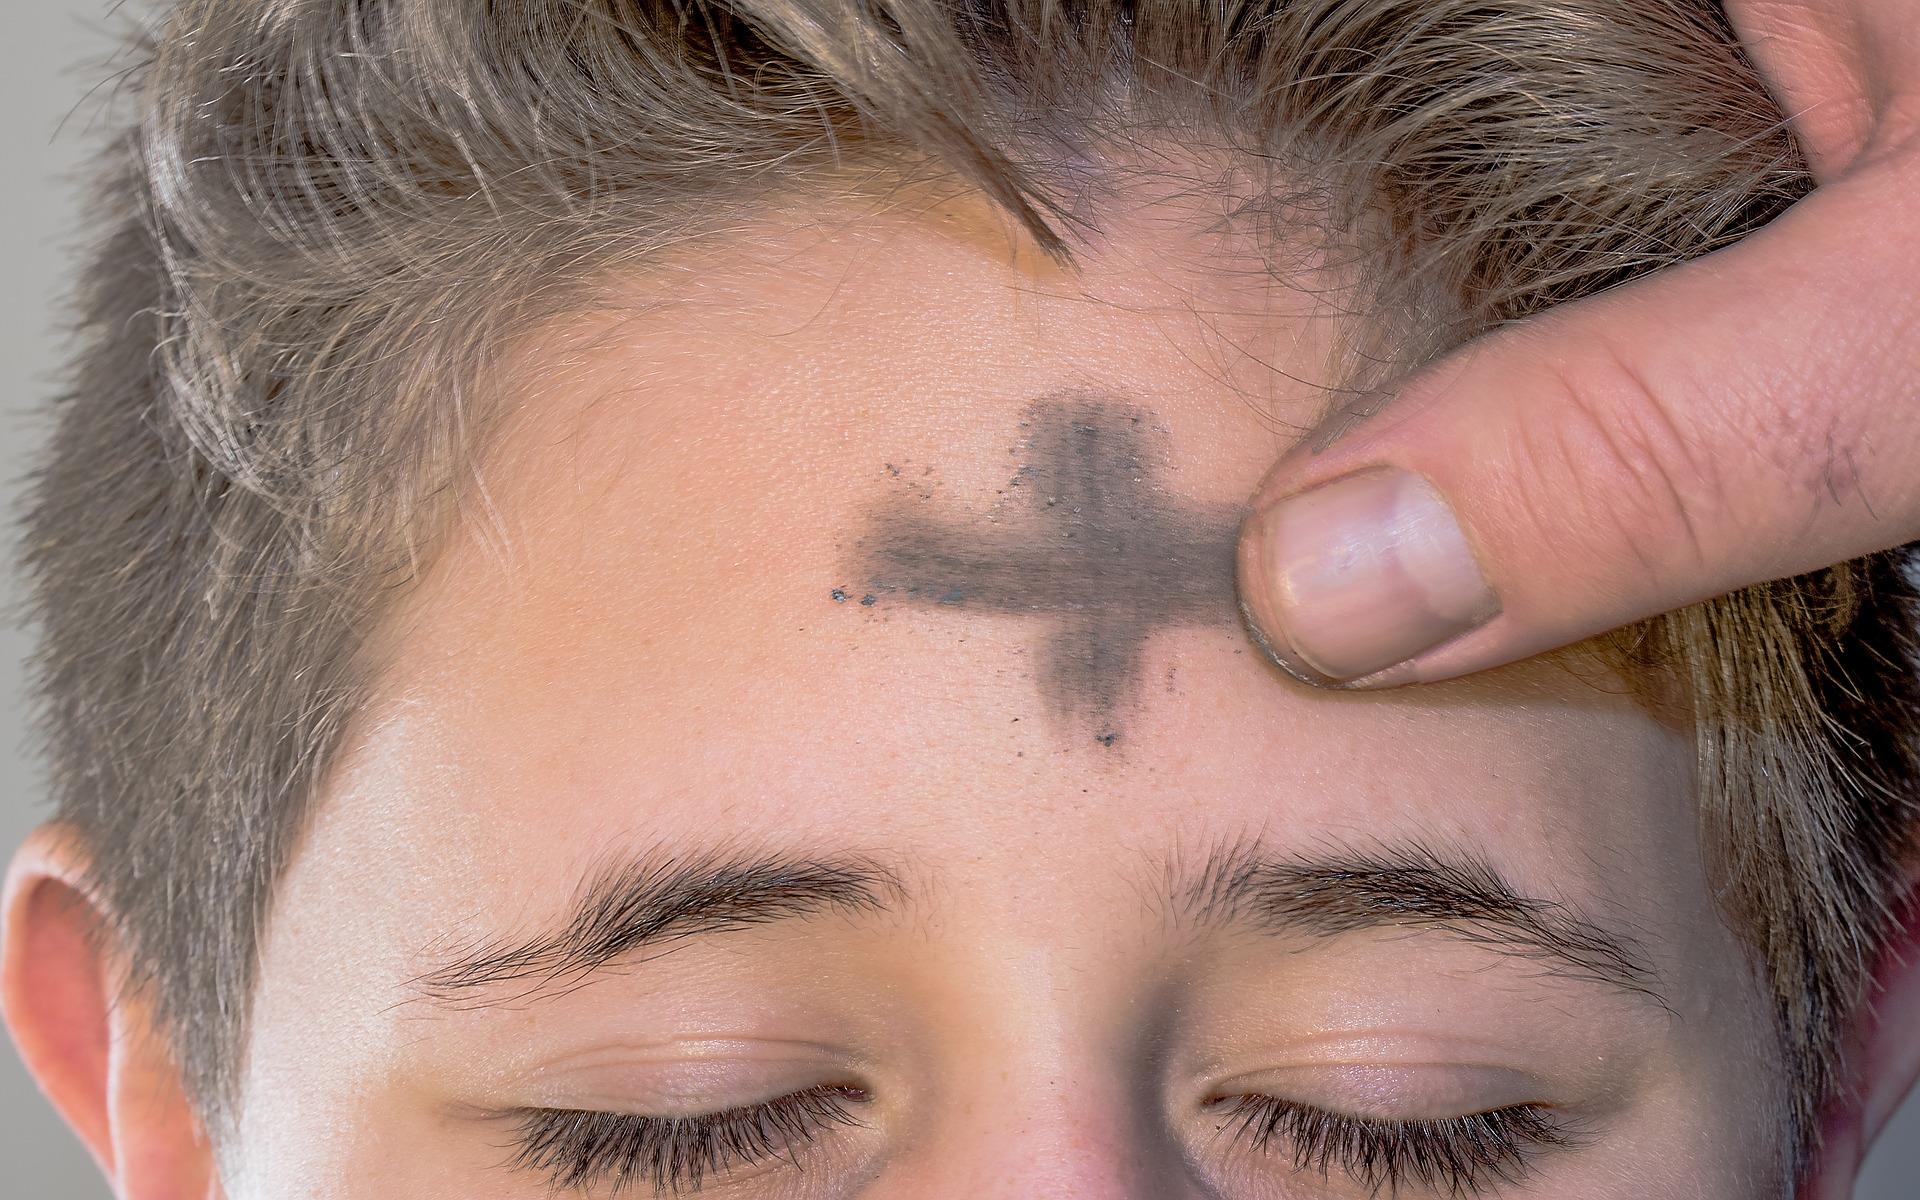 BATISMO NA TRINDADE OU EM NOME DE JESUS CRISTO?